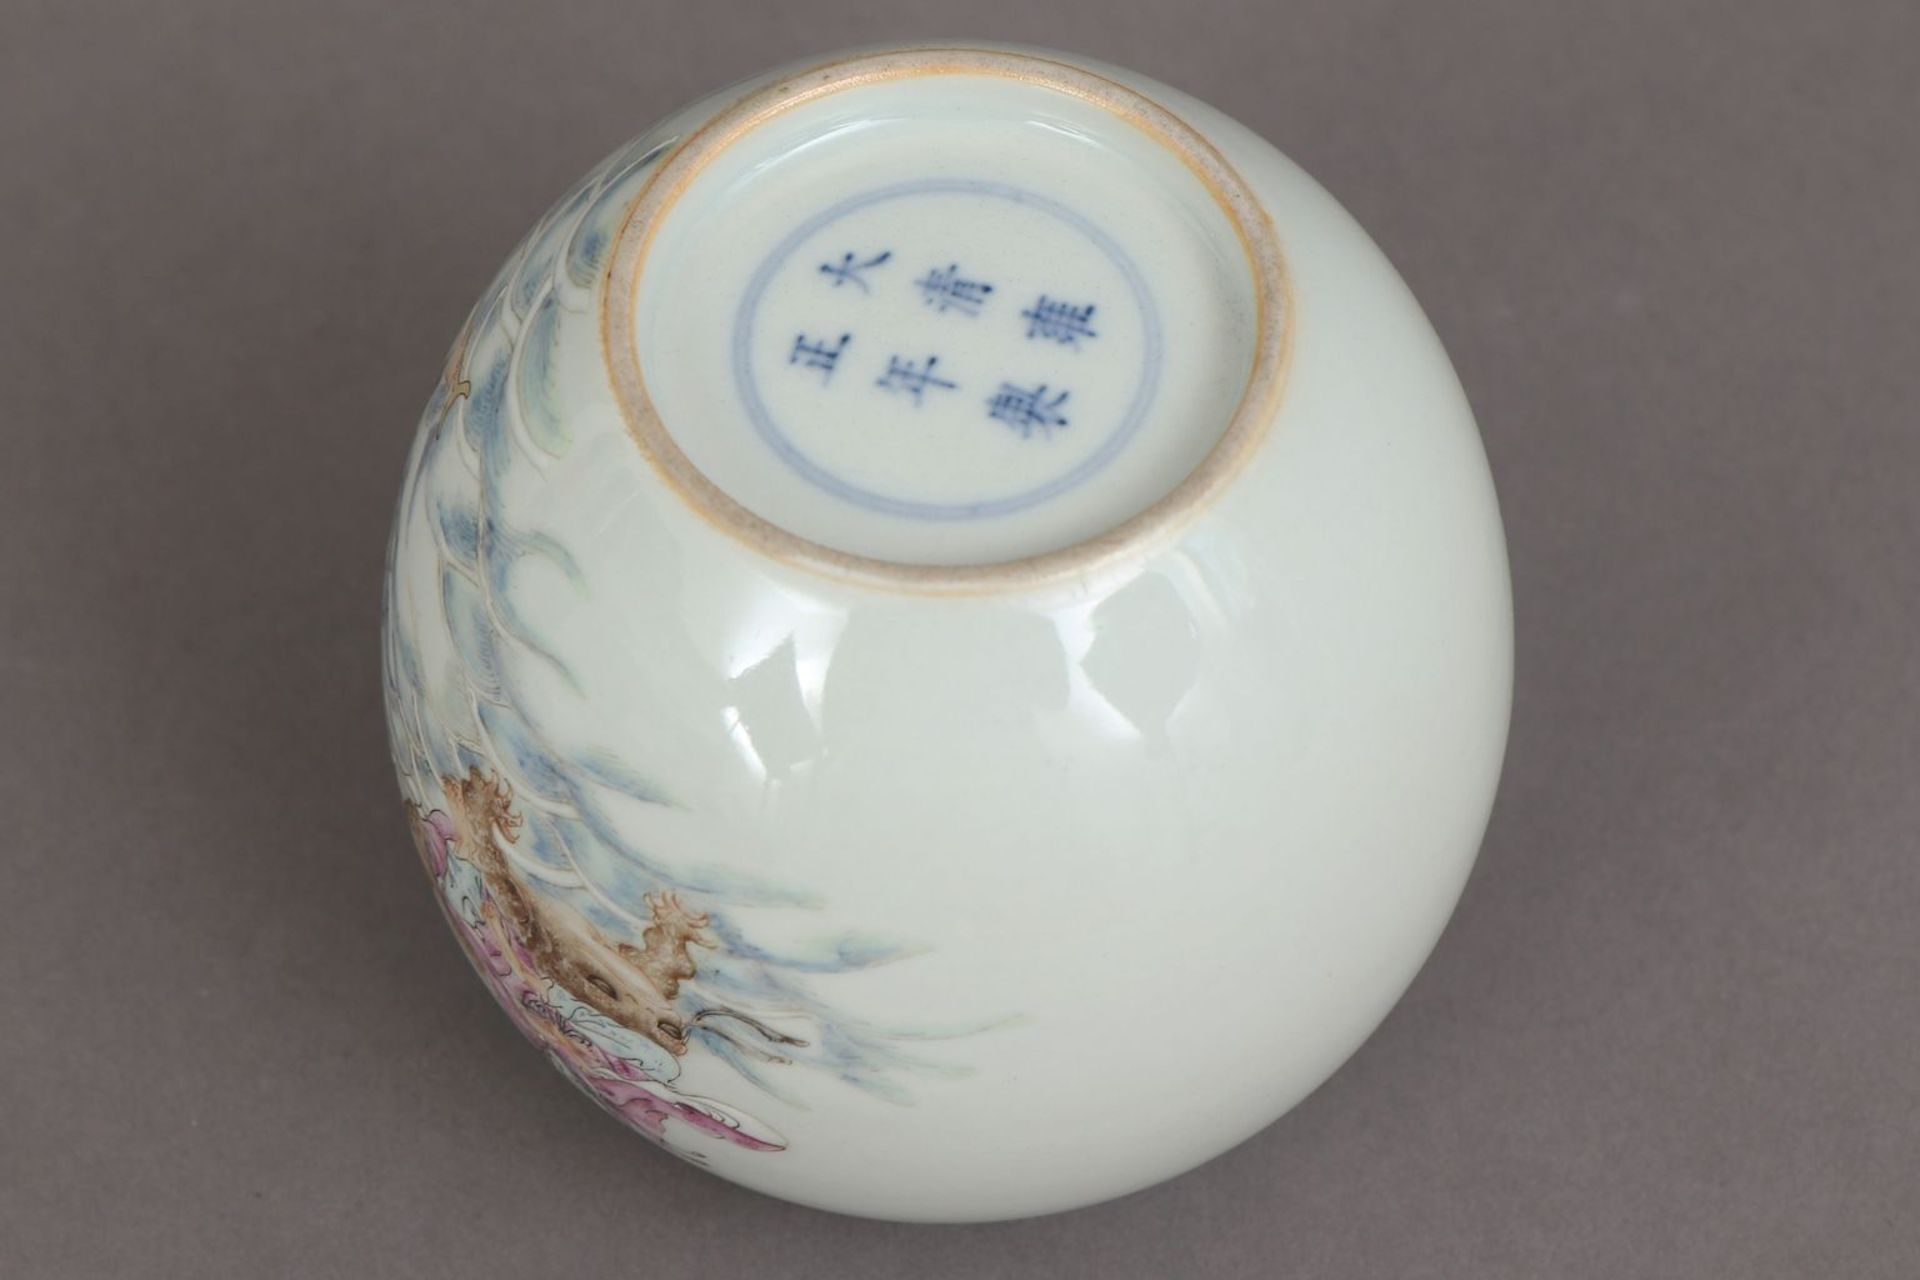 Chinesisches Vasengefäß - Image 4 of 4